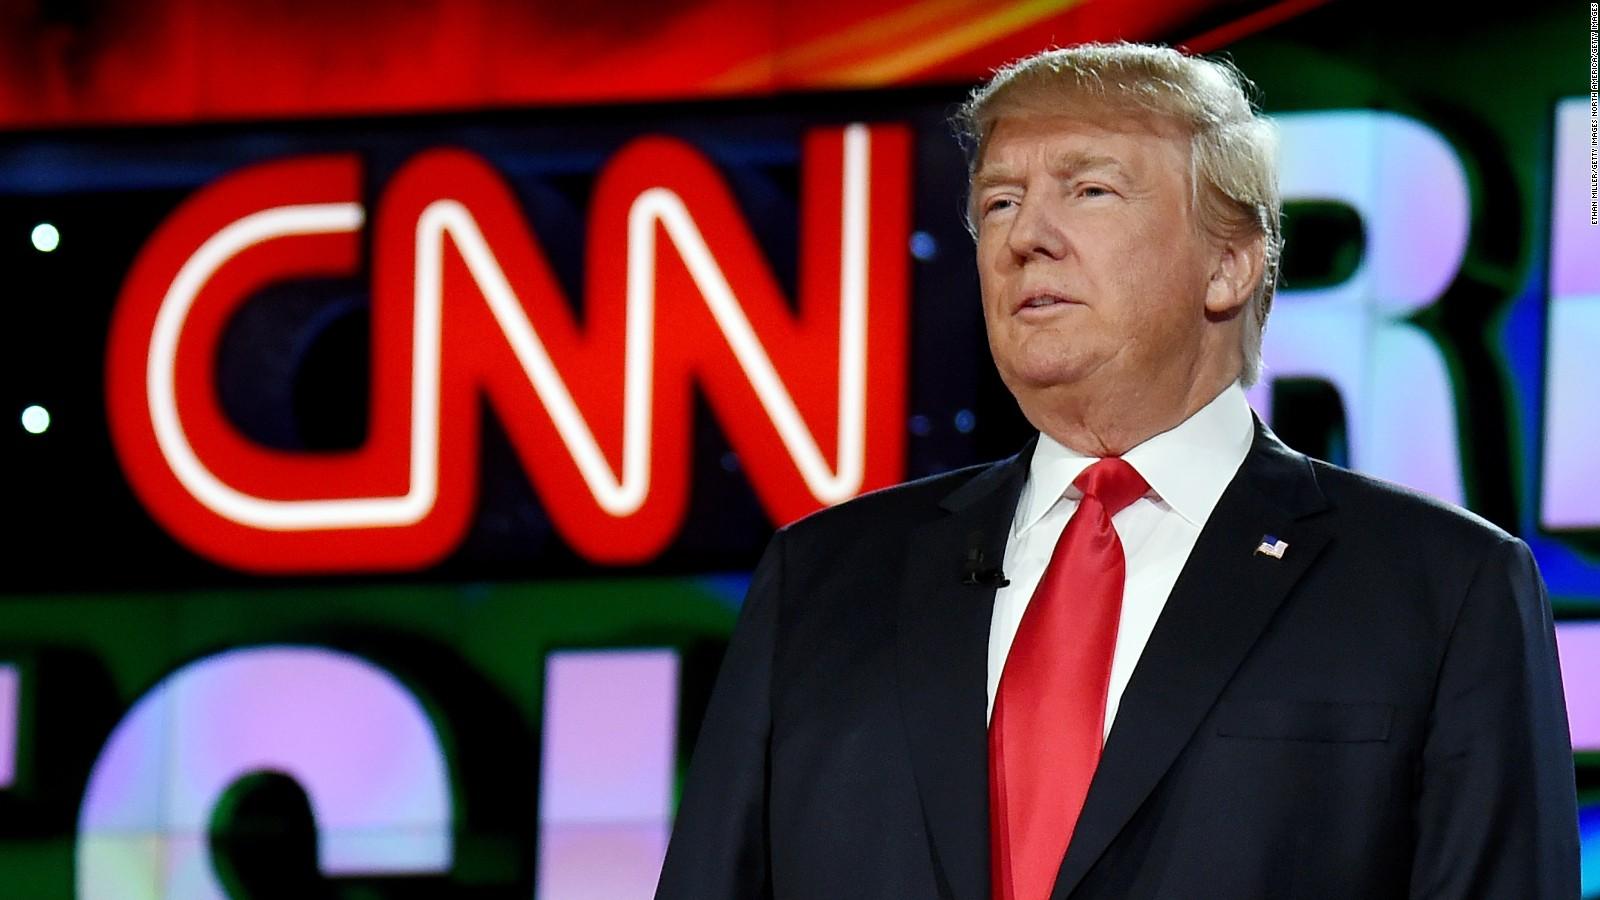 Многие чиновники осуждают Трампа за публикацию видео. Фото: cnn.com